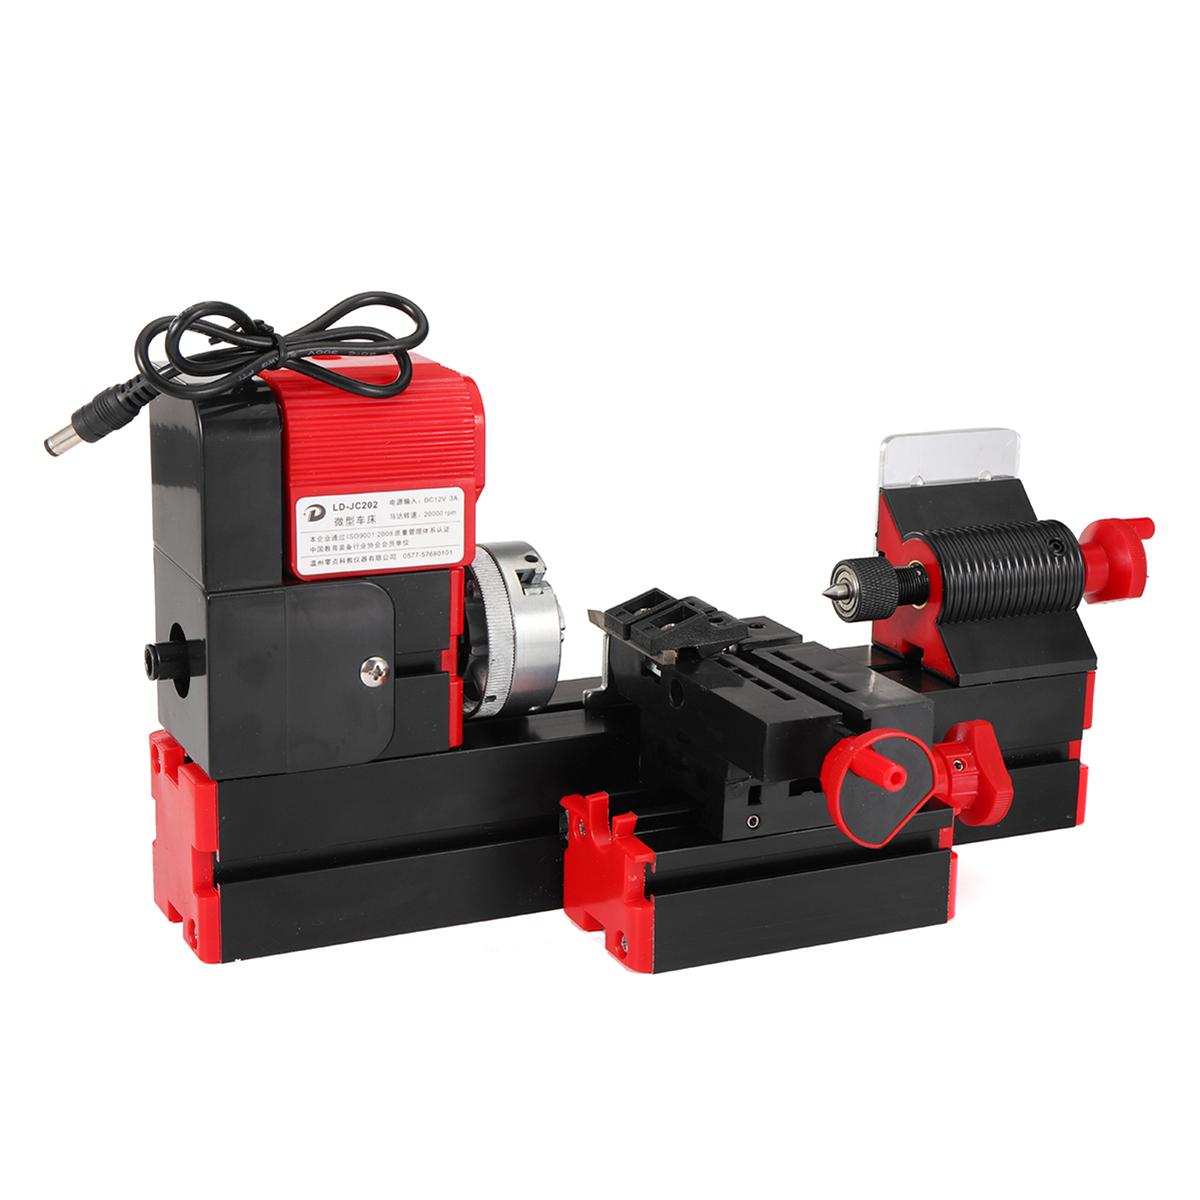 Мини-токарно-фрезерный станок Bench Дрель DIY Деревообрабатывающая мощность Инструмент